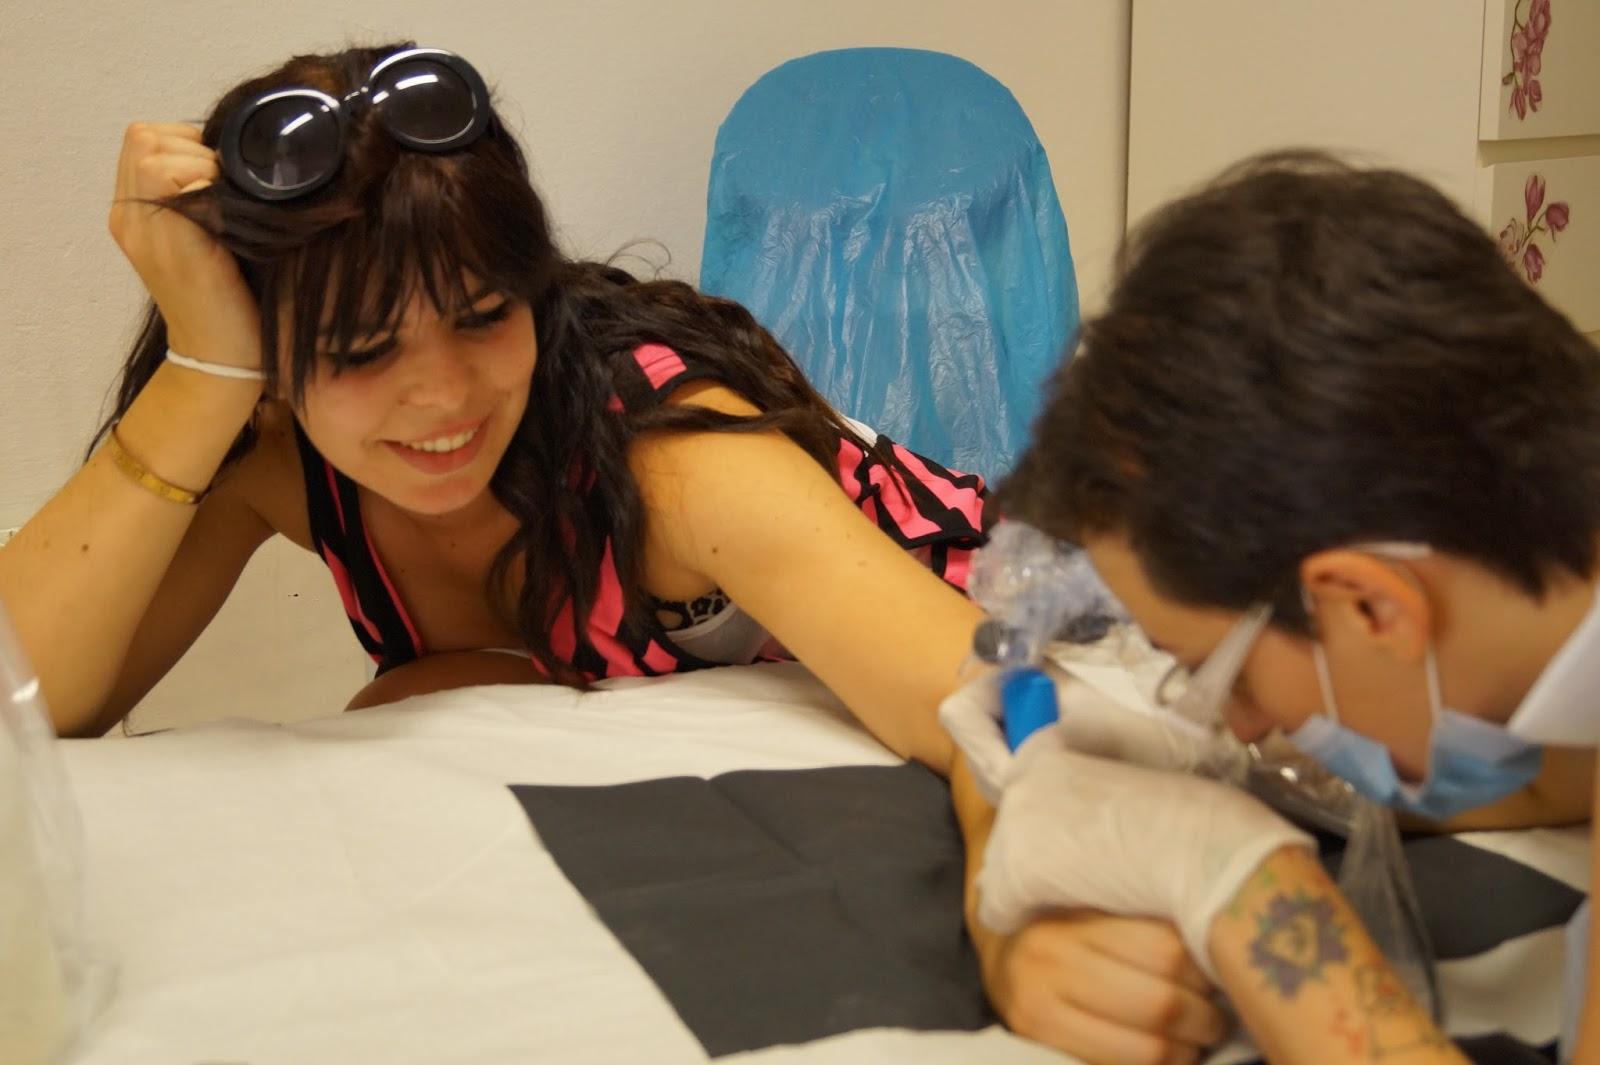 Getting My First Tattoo